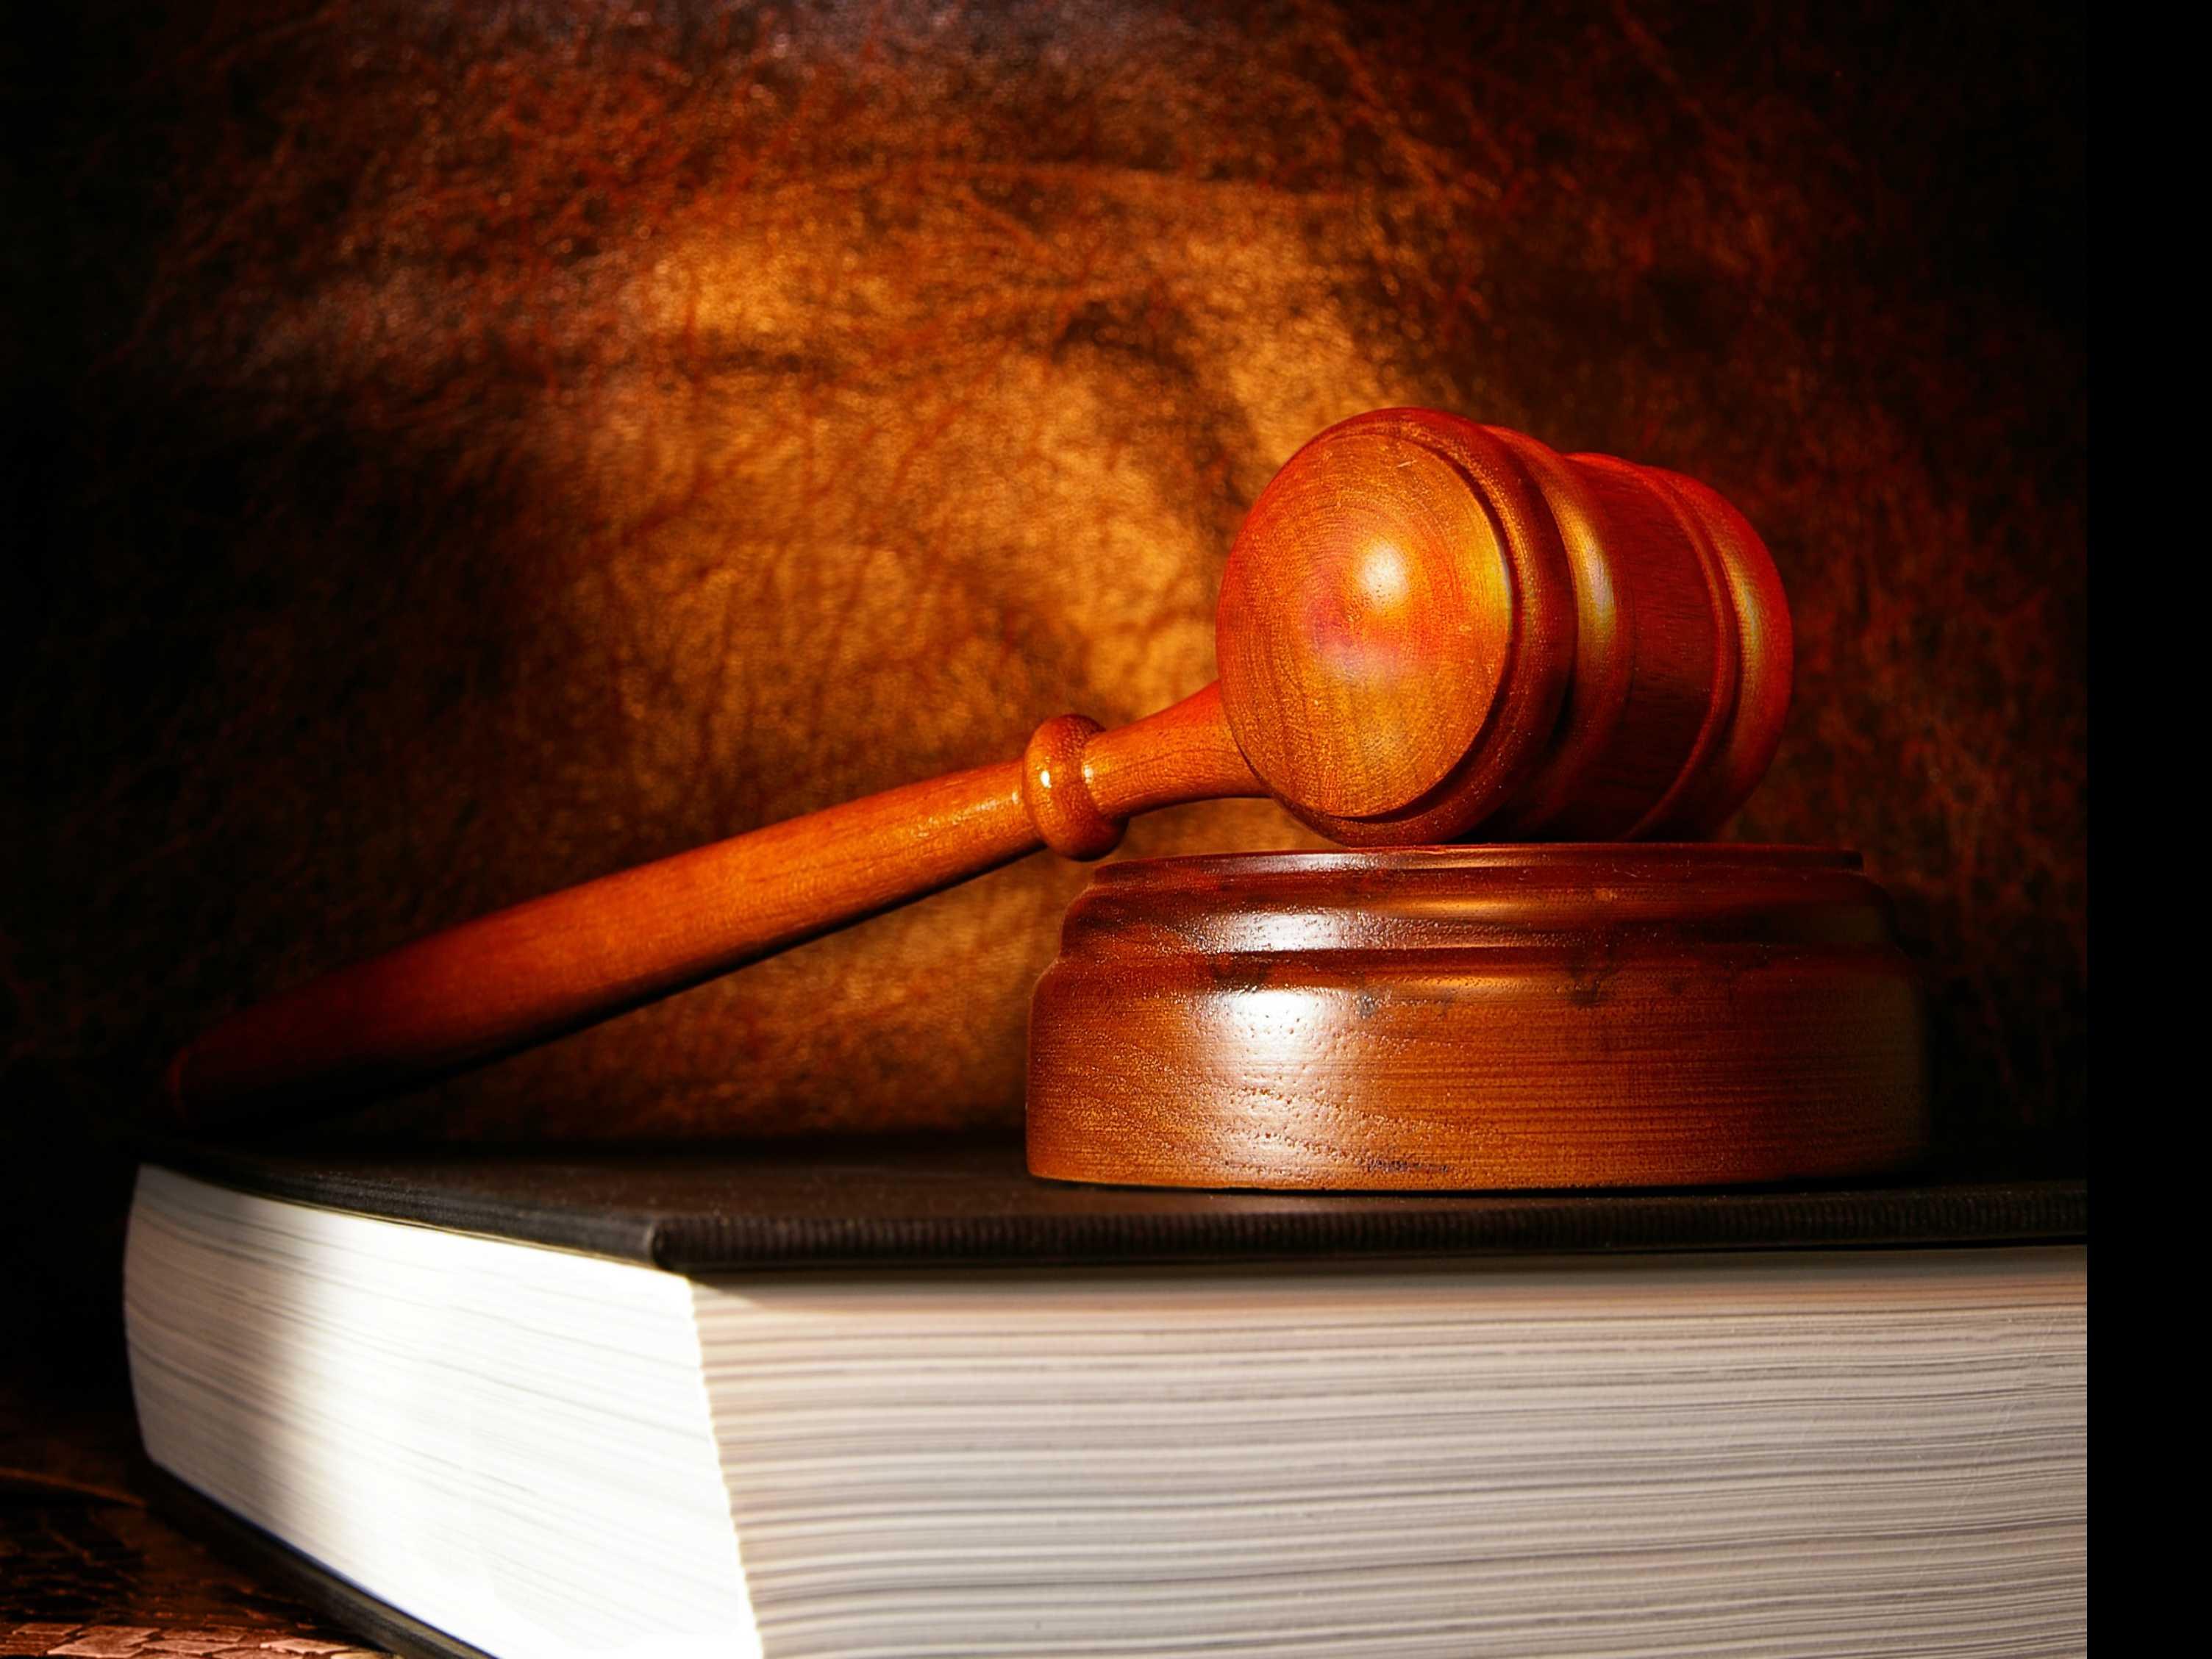 Alaska Psychologist Sentenced in Child Porn Case